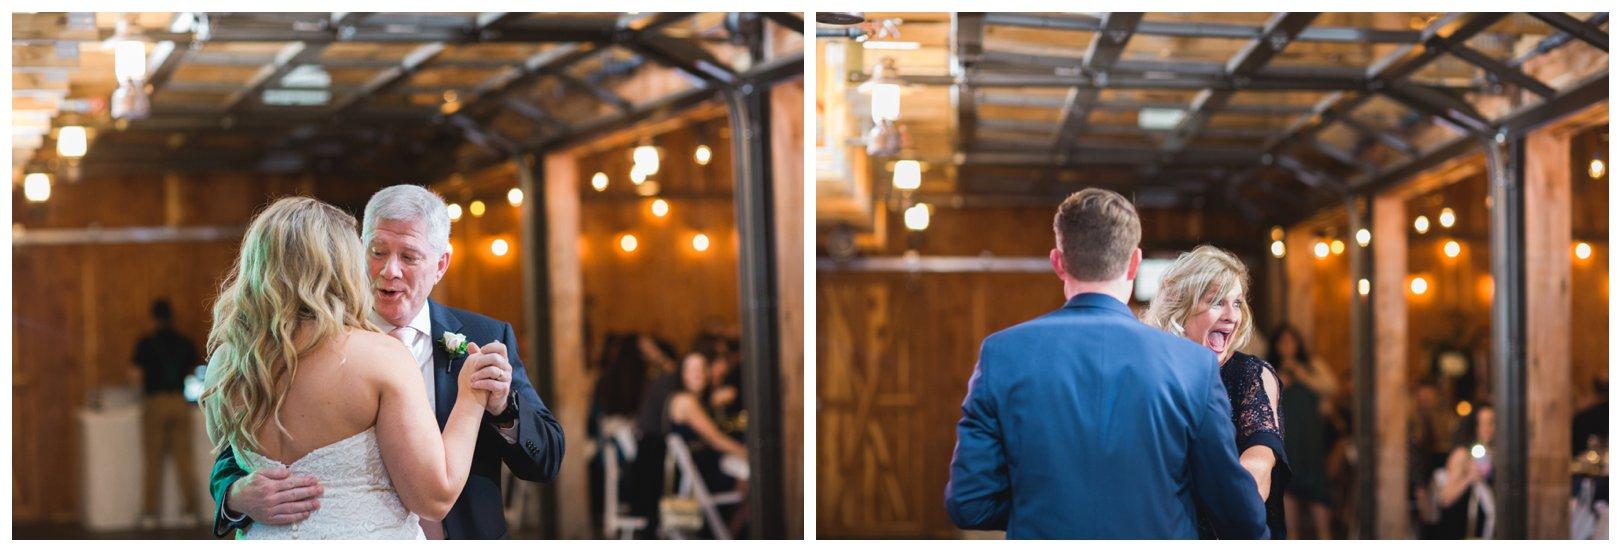 lauren muckler photography_fine art film wedding photography_st louis_photography_0998.jpg